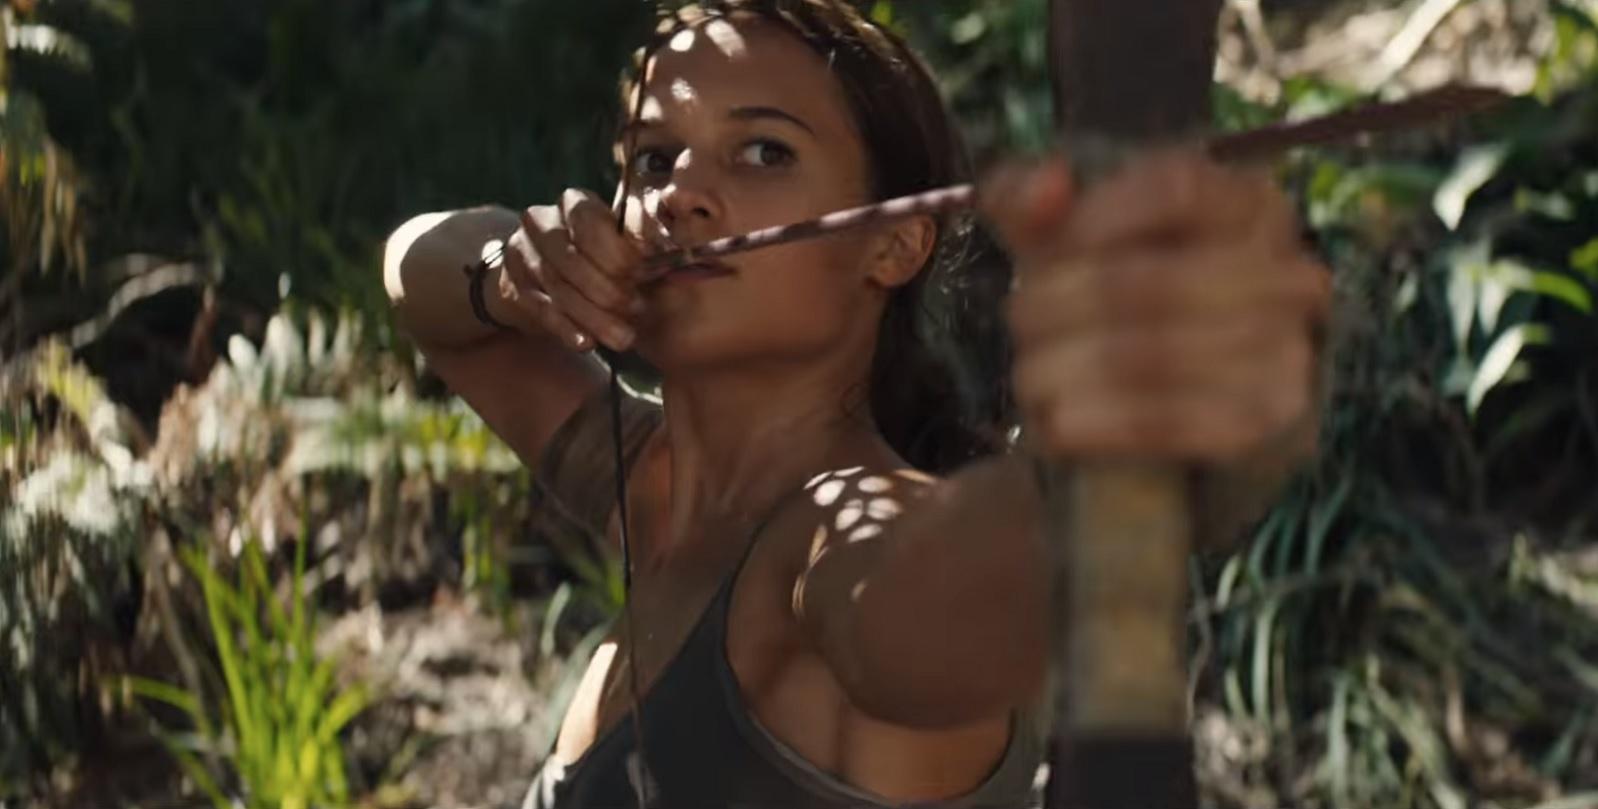 El segundo tráiler de Tomb Raider nos cuenta mucho más sobre su historia